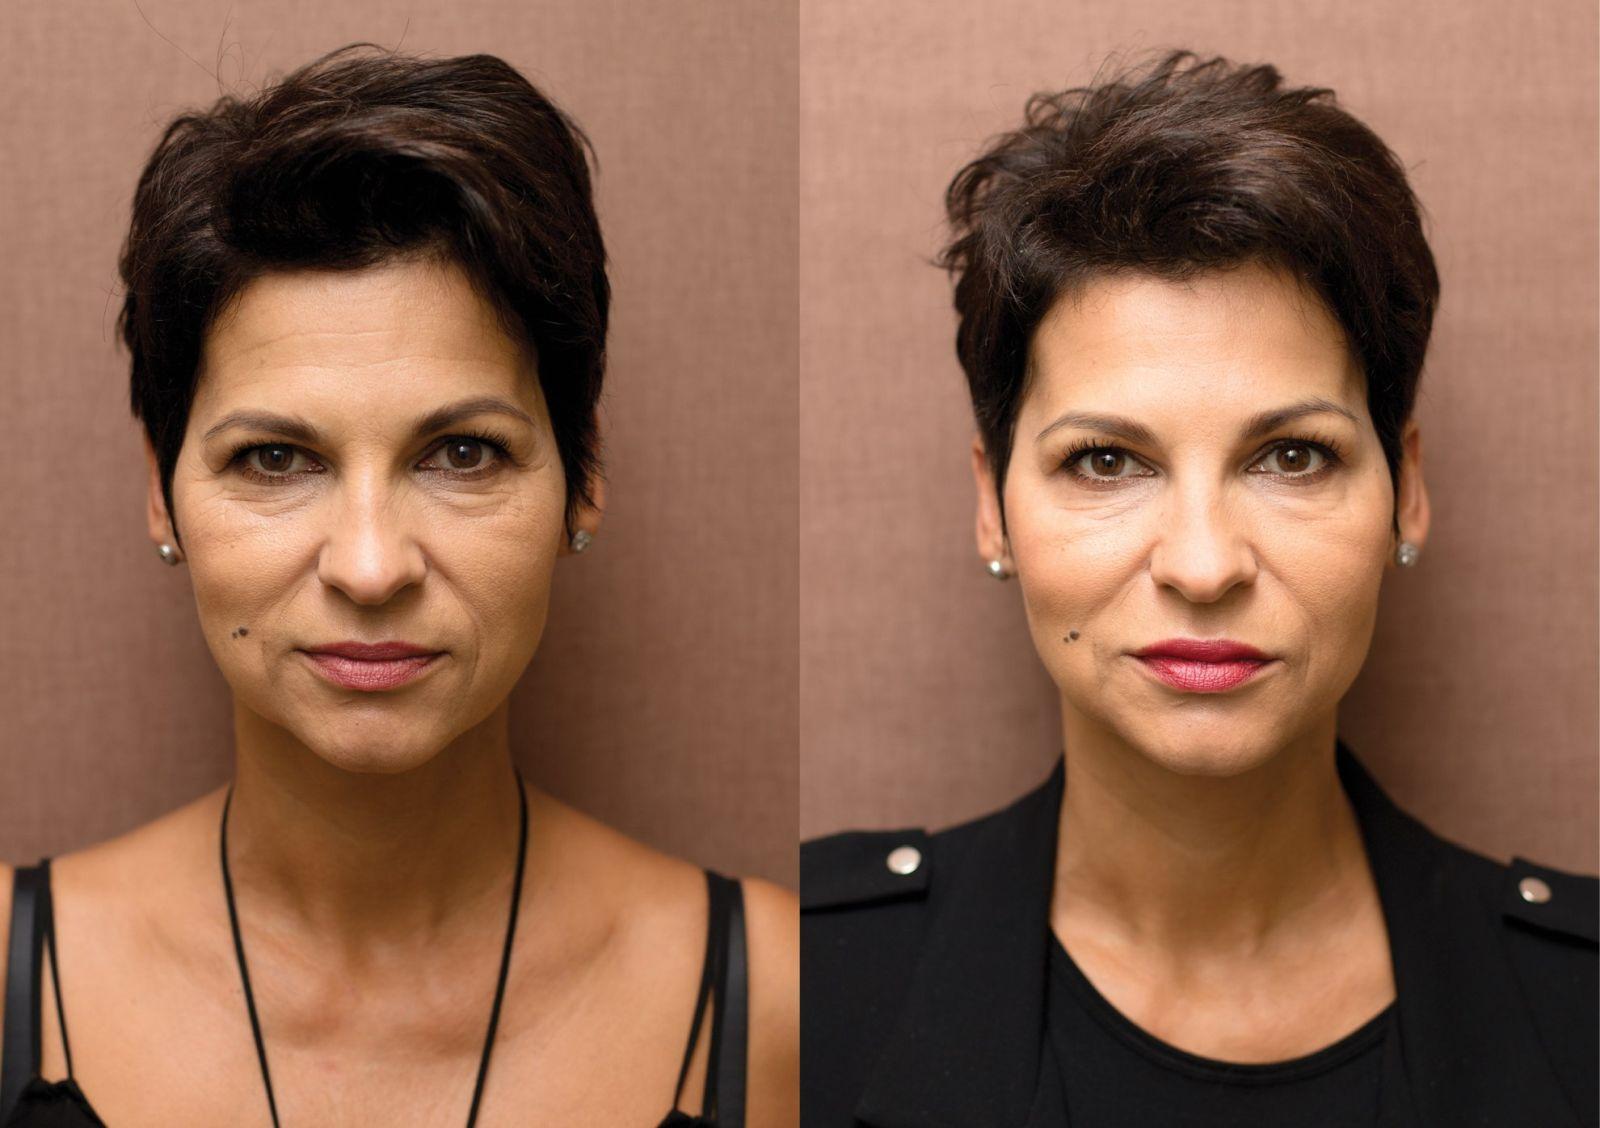 Anti-aging proměny: Skinbooster, botulotoxin, korekce obočí